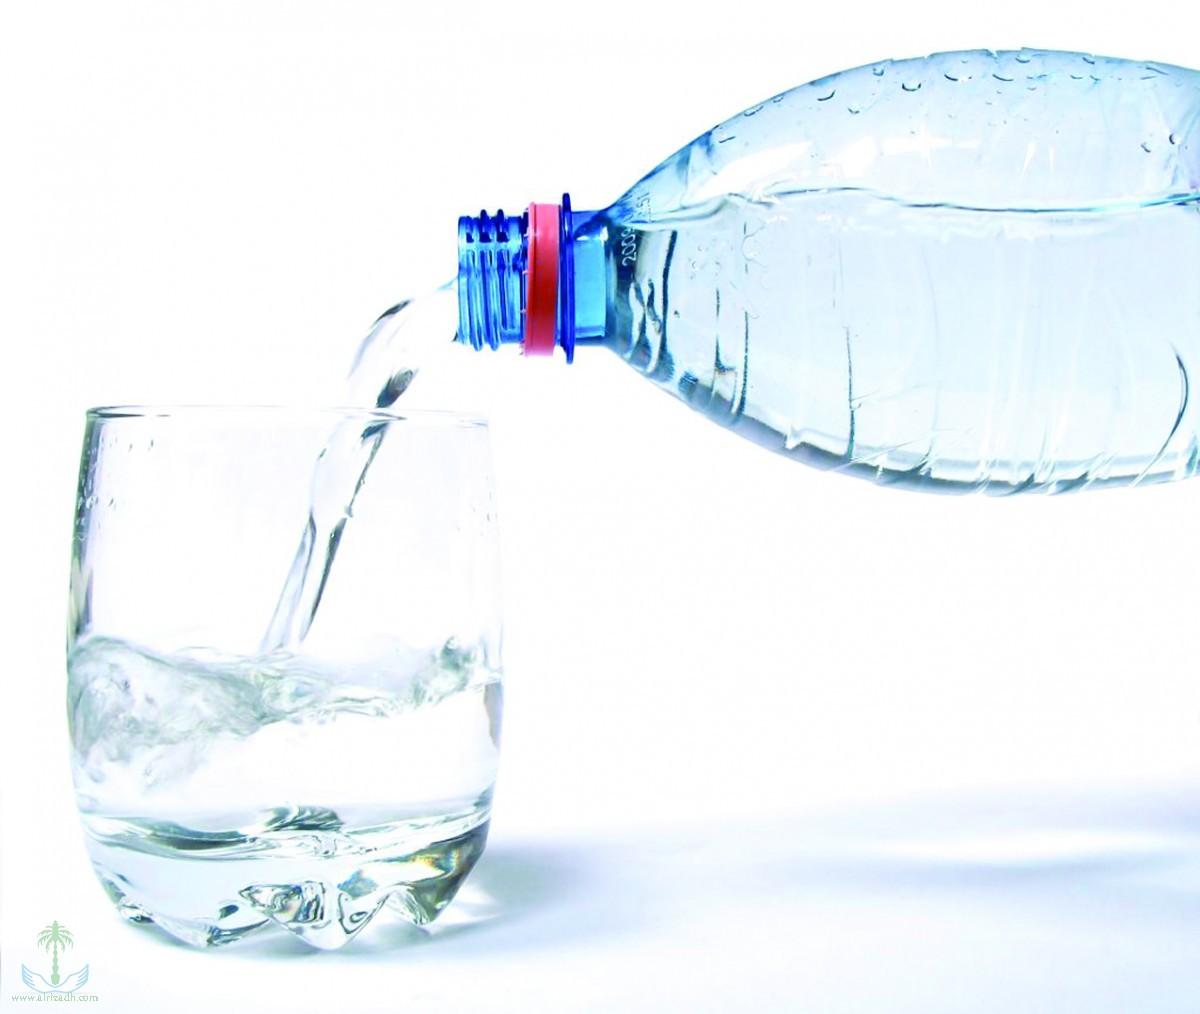 صور نقص الماء في الجسم , نقص كميه الماء في الجسم